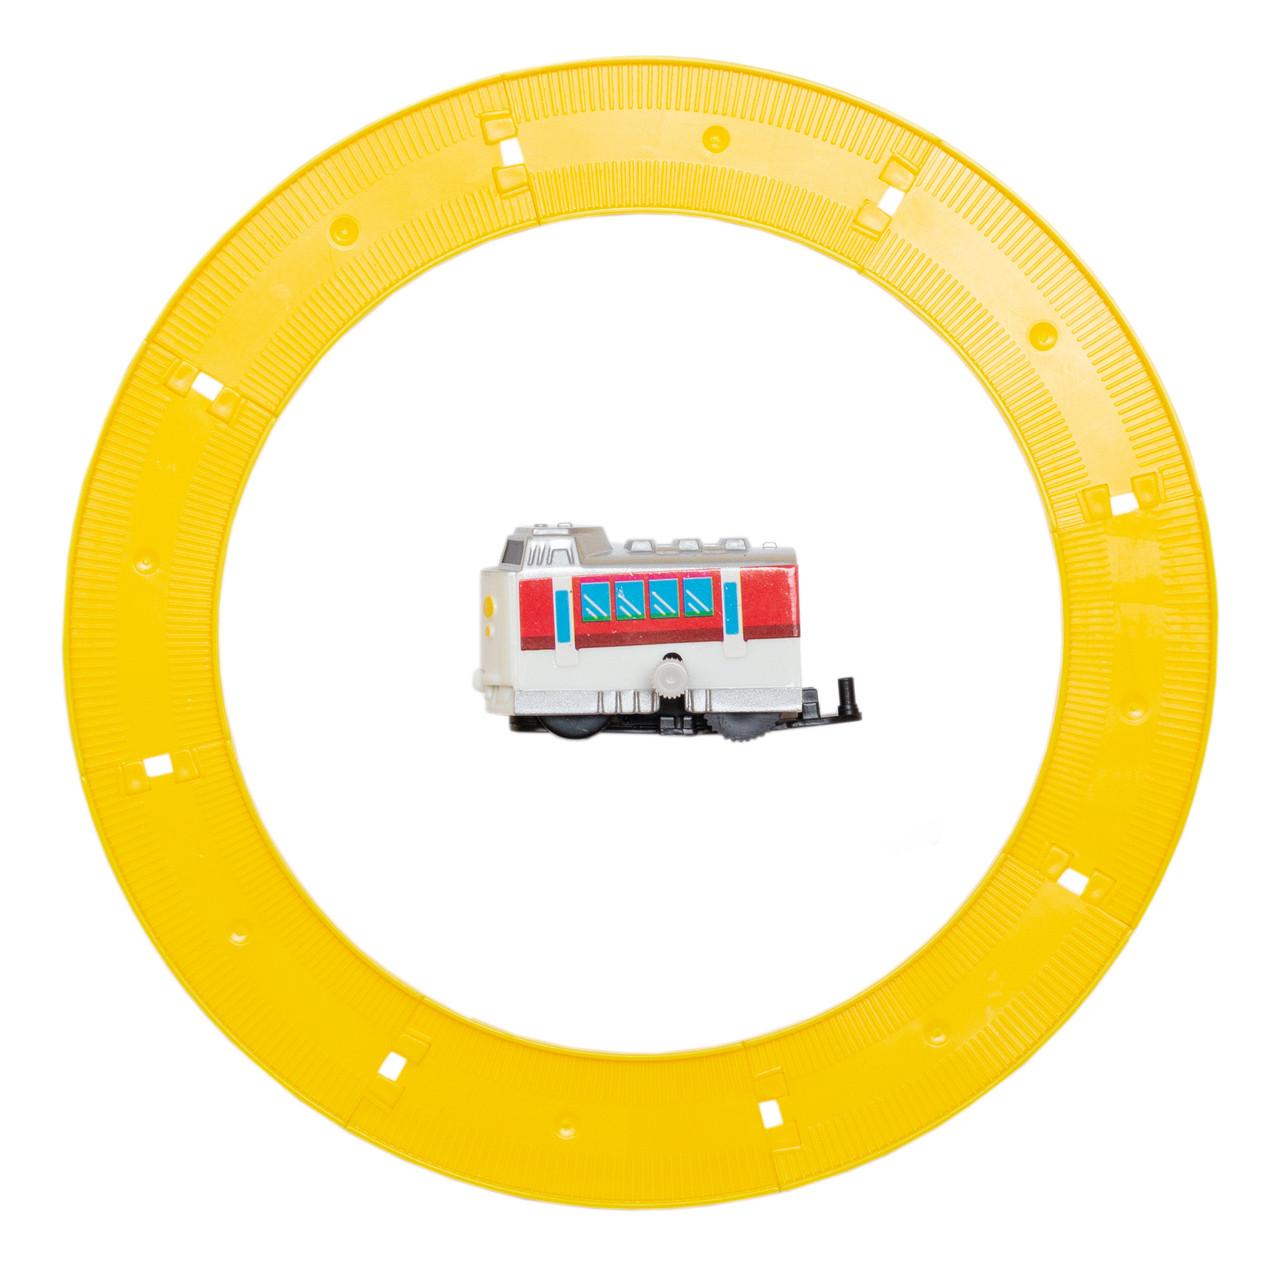 Поезд заводной с треком Aohua белый с красным, внешний диаметр трека 16 см, длина поезда 5,5 см, пластик.